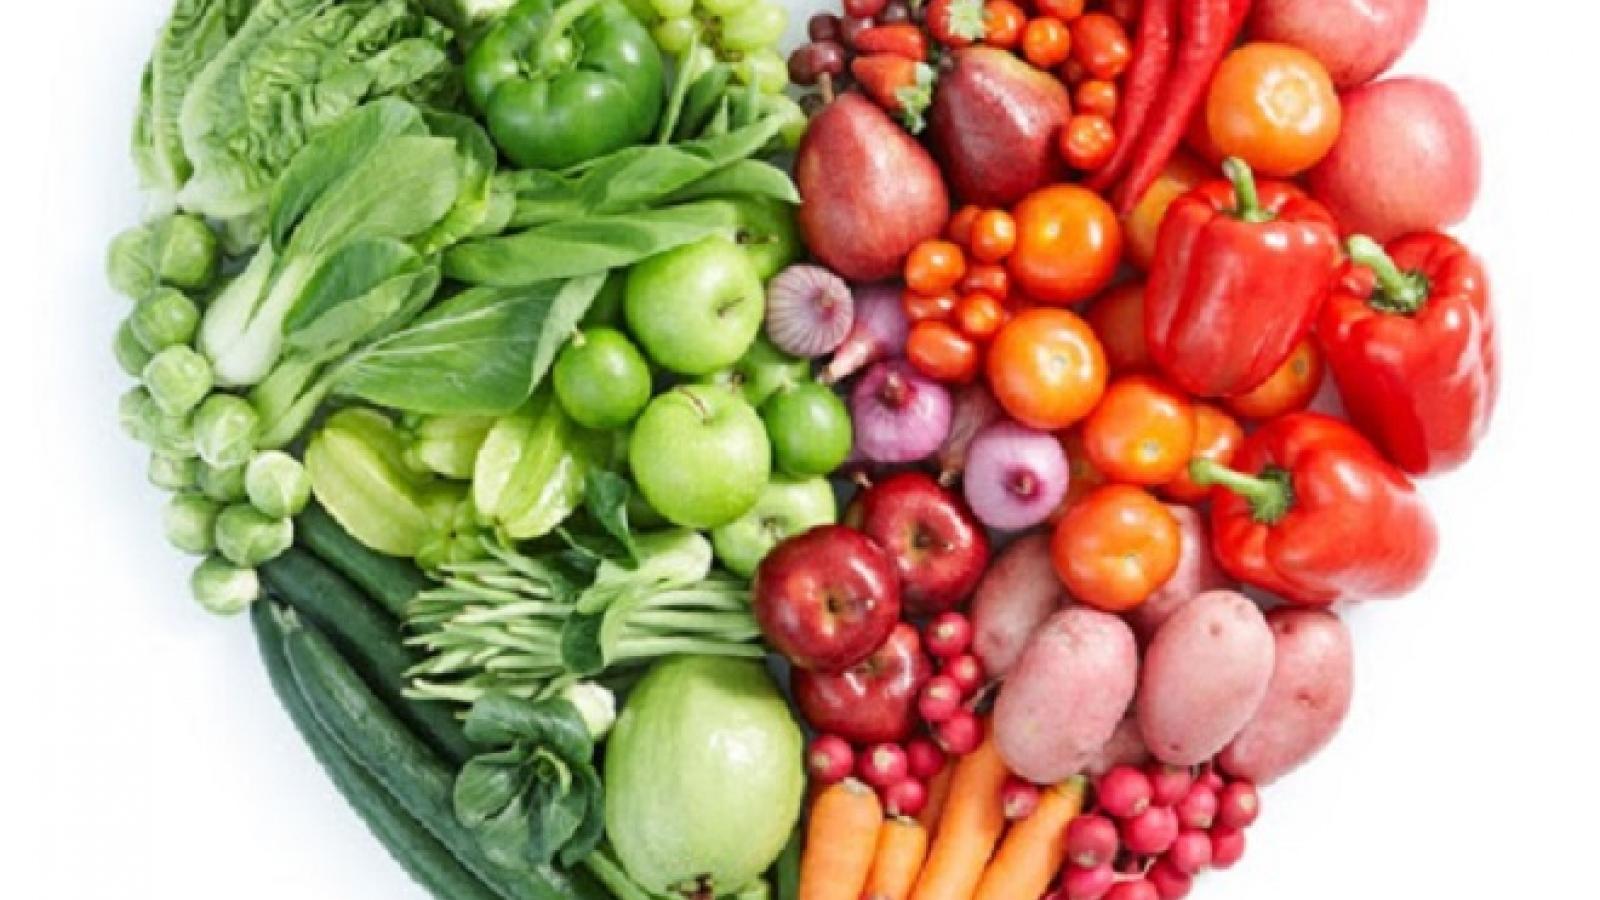 Chế biến không đúng cách 8 thực phẩm này dễ gây hại cho sức khỏe, rất nhiều người mắc phải